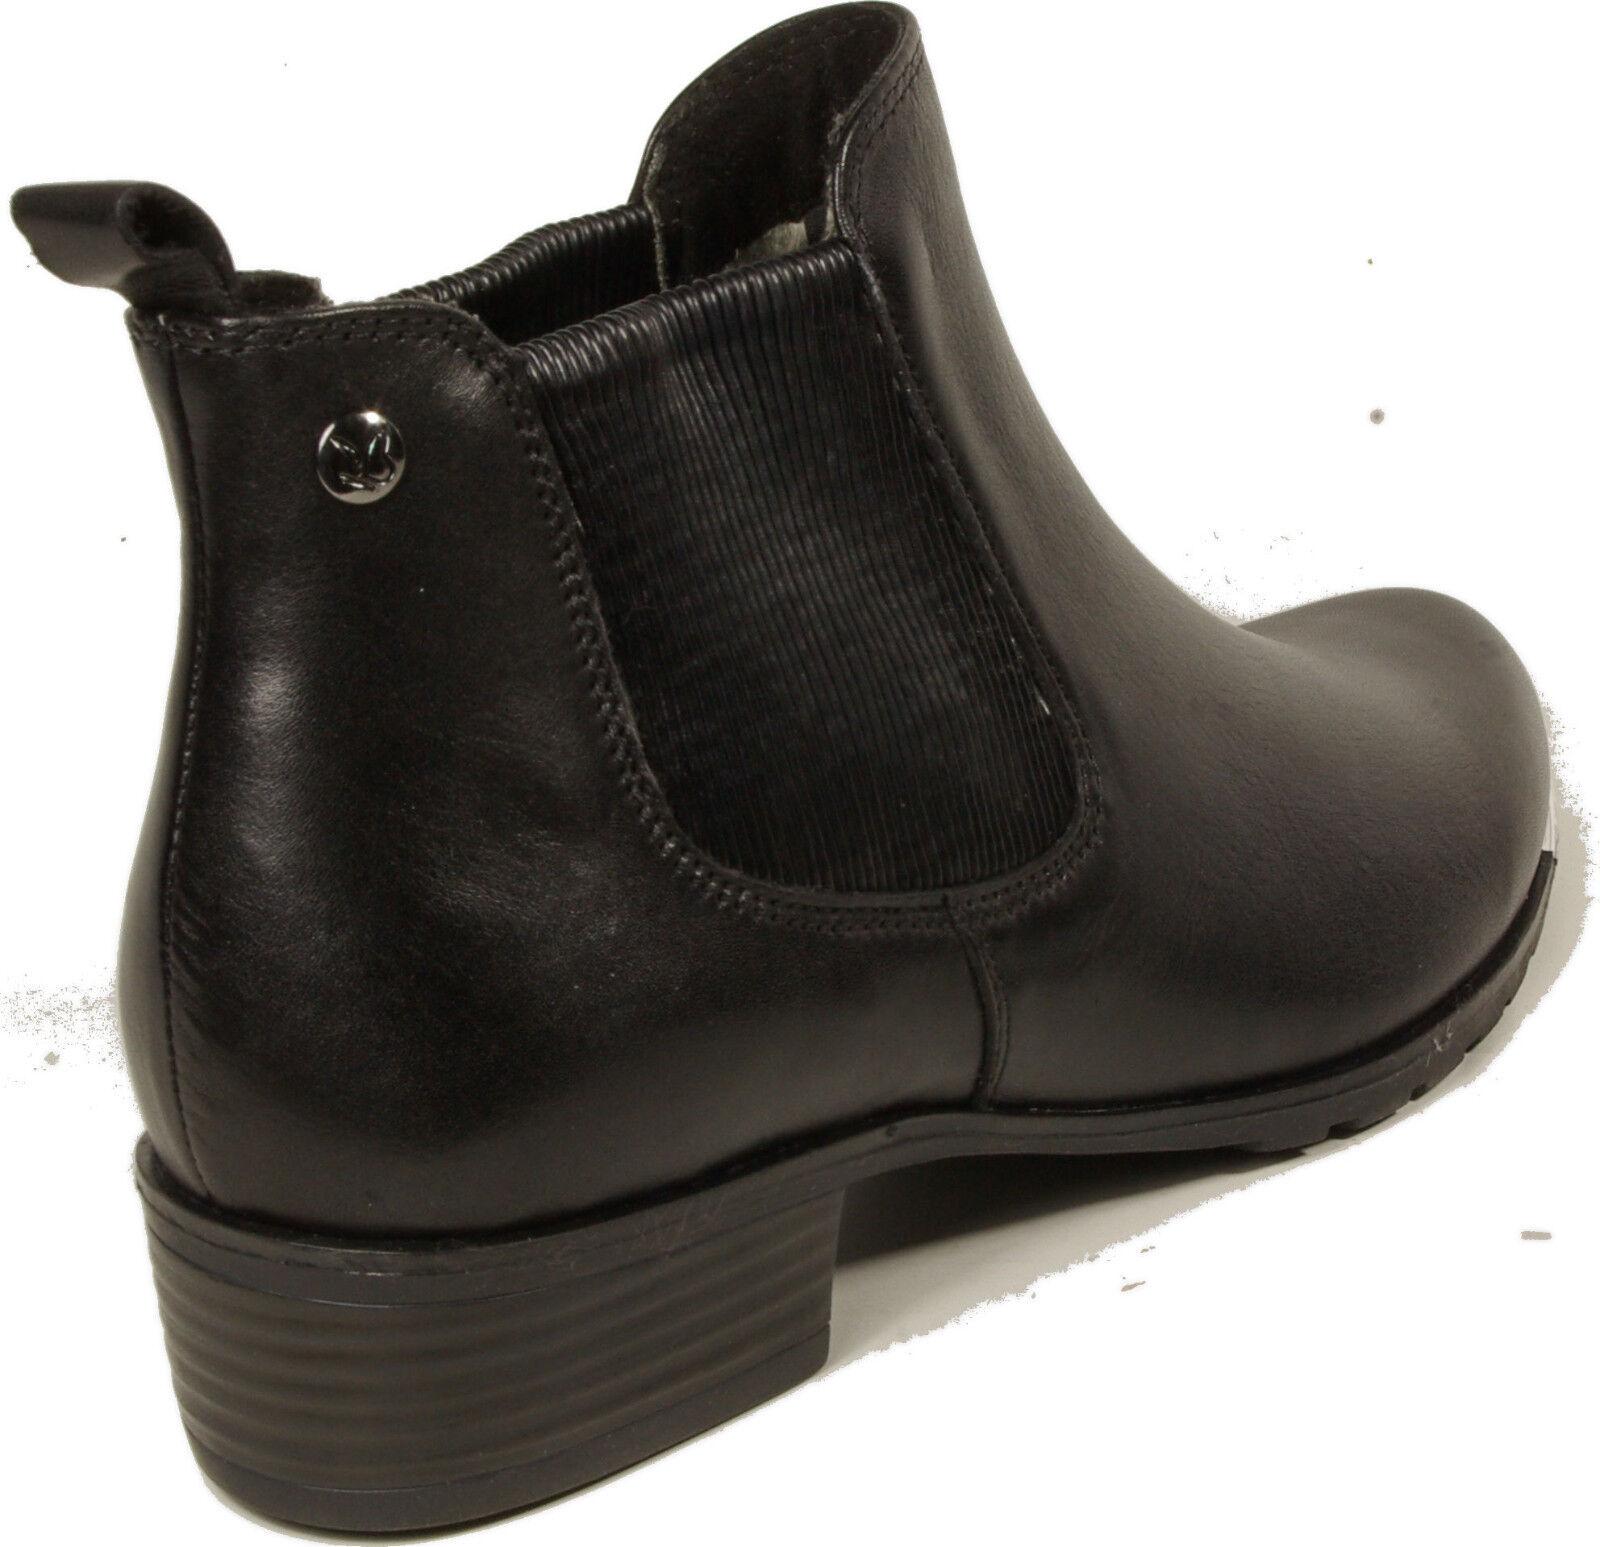 Recortes de precios estacionales, beneficios de zapatos descuento Caprice zapatos de chelsea botas botines negro cuero genuino nuevo 6c3ebd